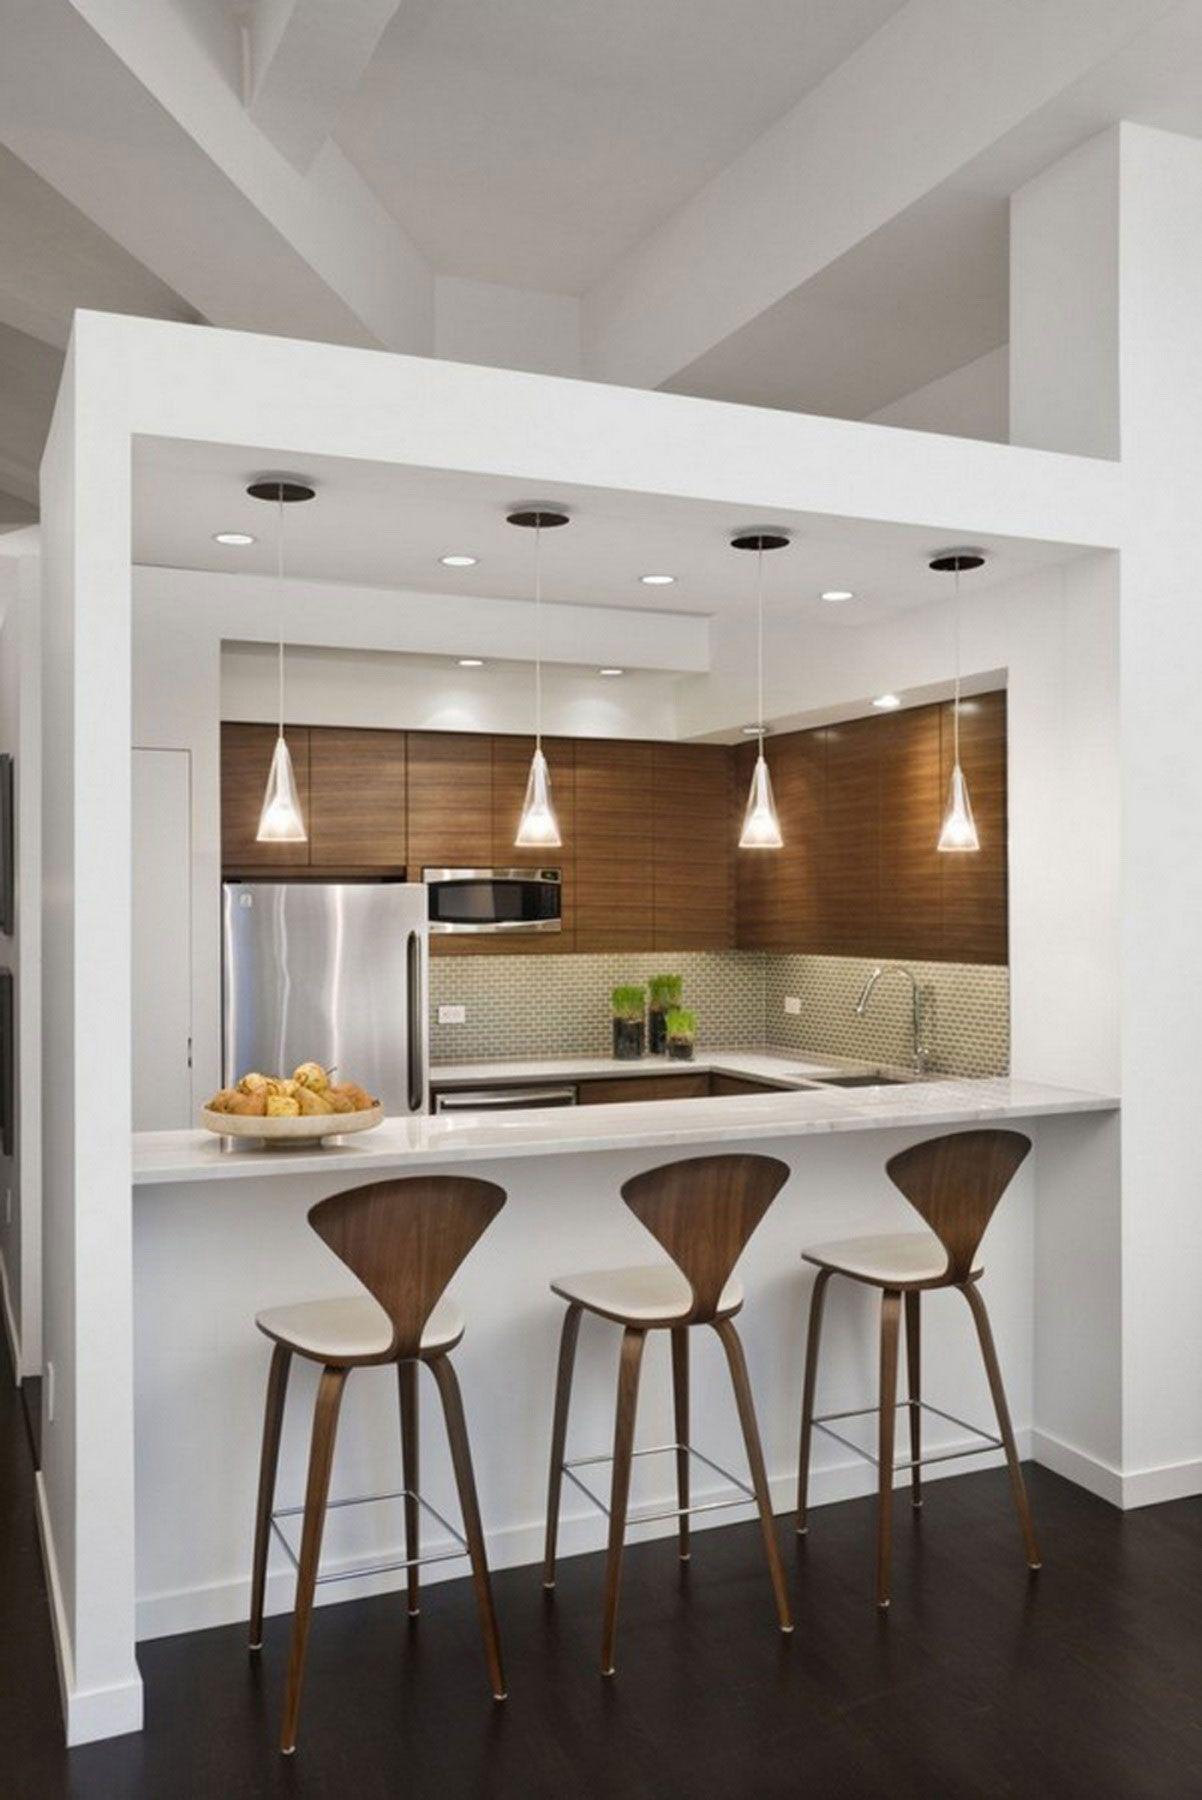 Best Kitchen Gallery: Small Kitchen Design Ideas Small Space Kitchen Kitchen Design And of Kitchen Interior Design Ideas Photos  on rachelxblog.com